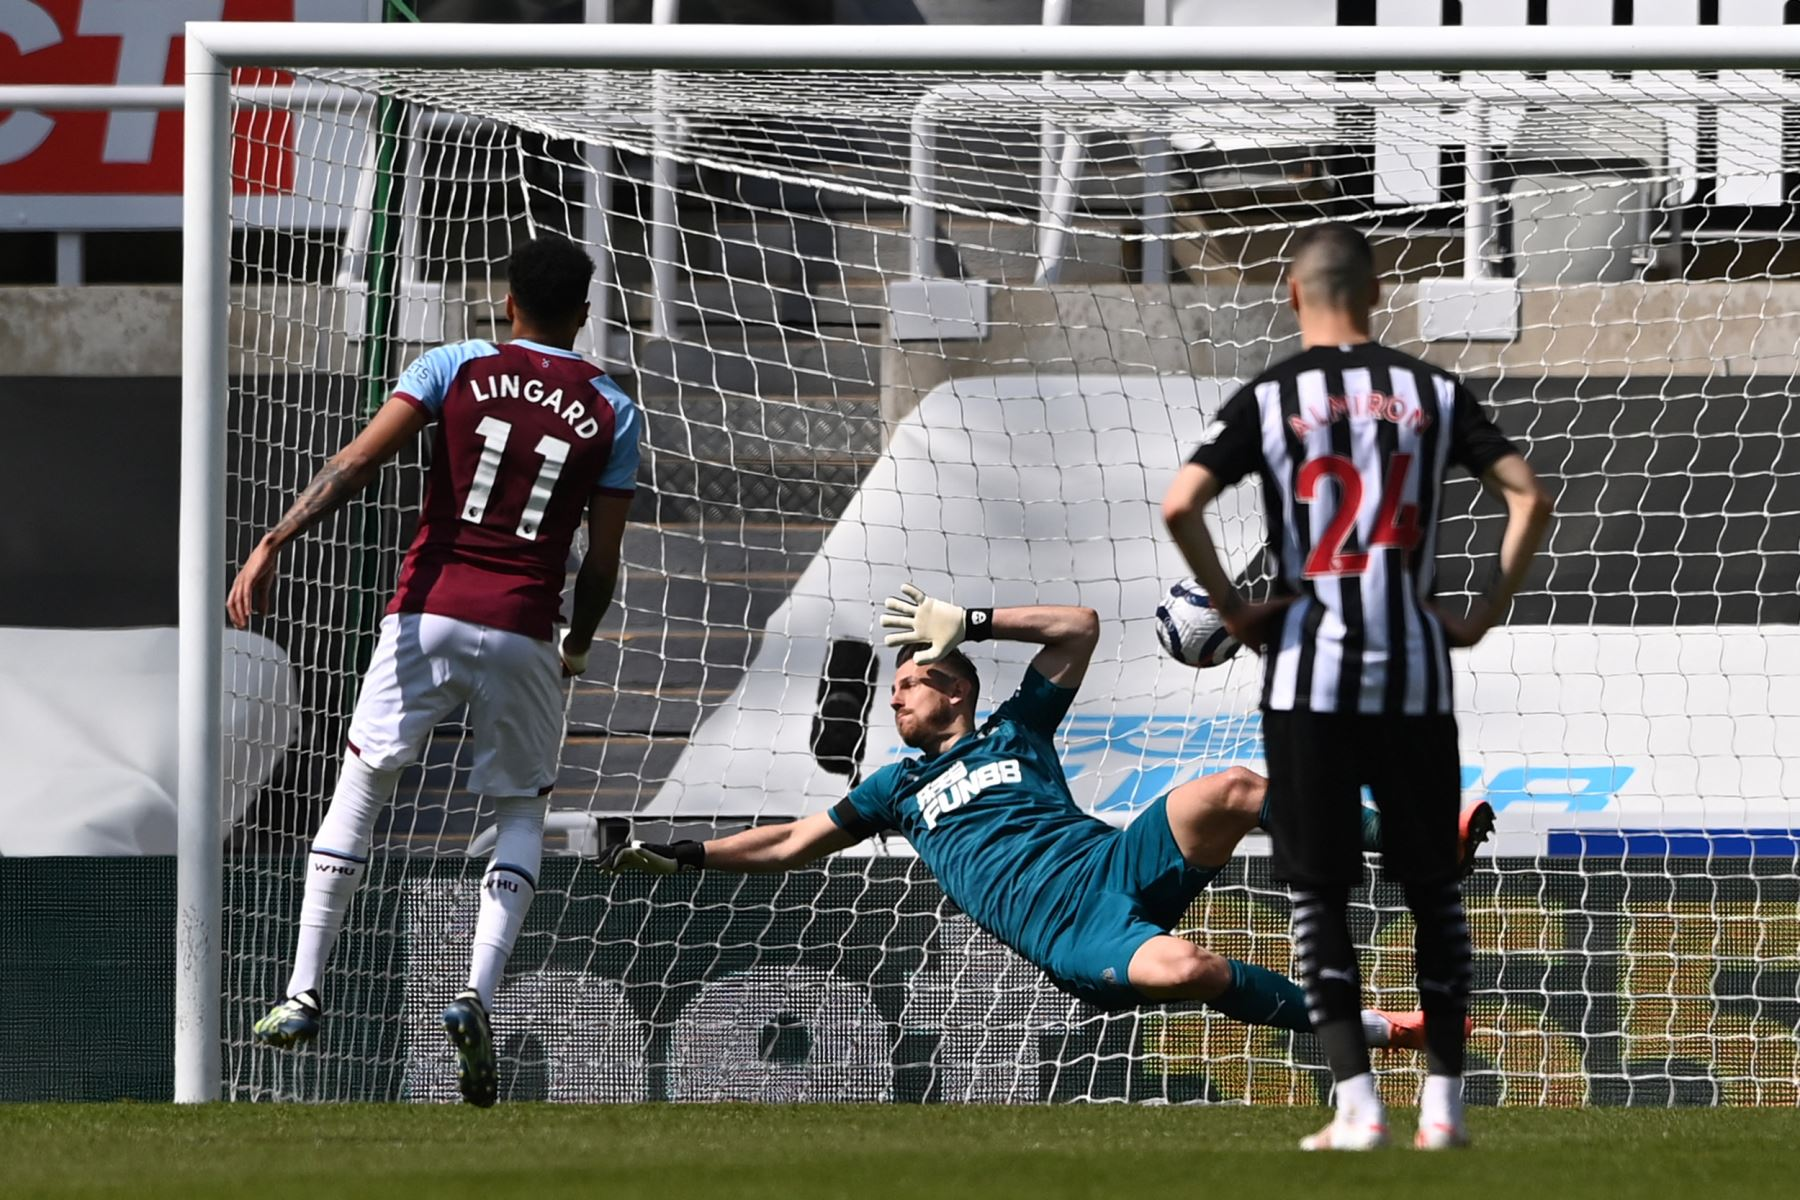 El centrocampista inglés del West Ham United Jesse Lingard  anota un penalti durante el partido de fútbol de la Premier League inglesa entre Newcastle United y West Ham United. Foto: AFP